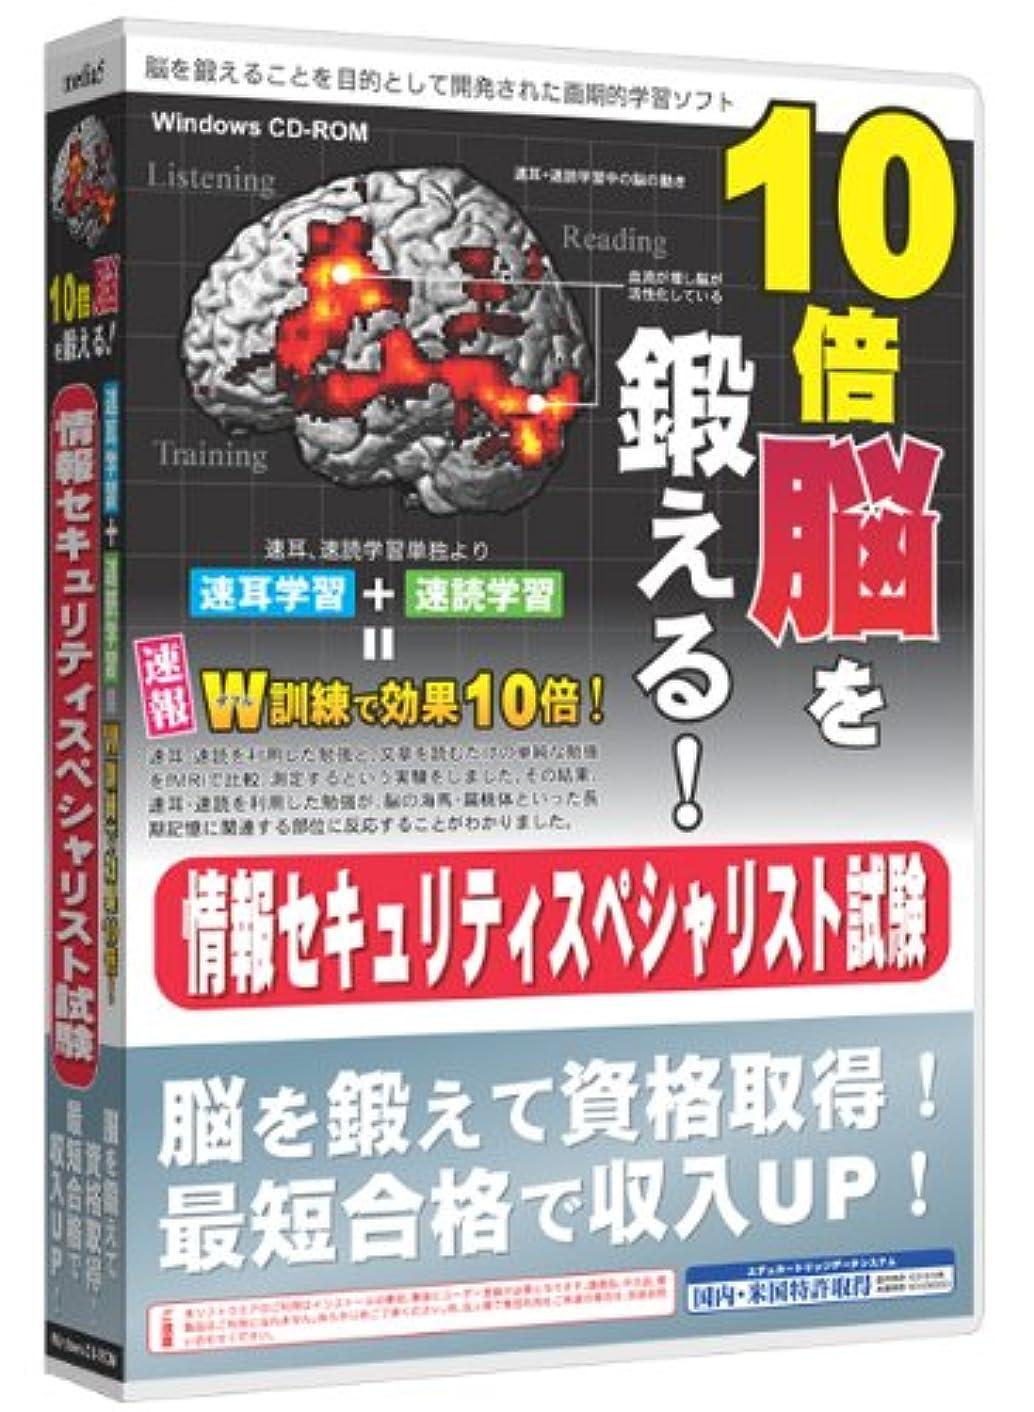 乱れ百シンポジウムmedia5 10倍脳を鍛える! 情報セキュリティスペシャリスト試験 6ヶ月保証版